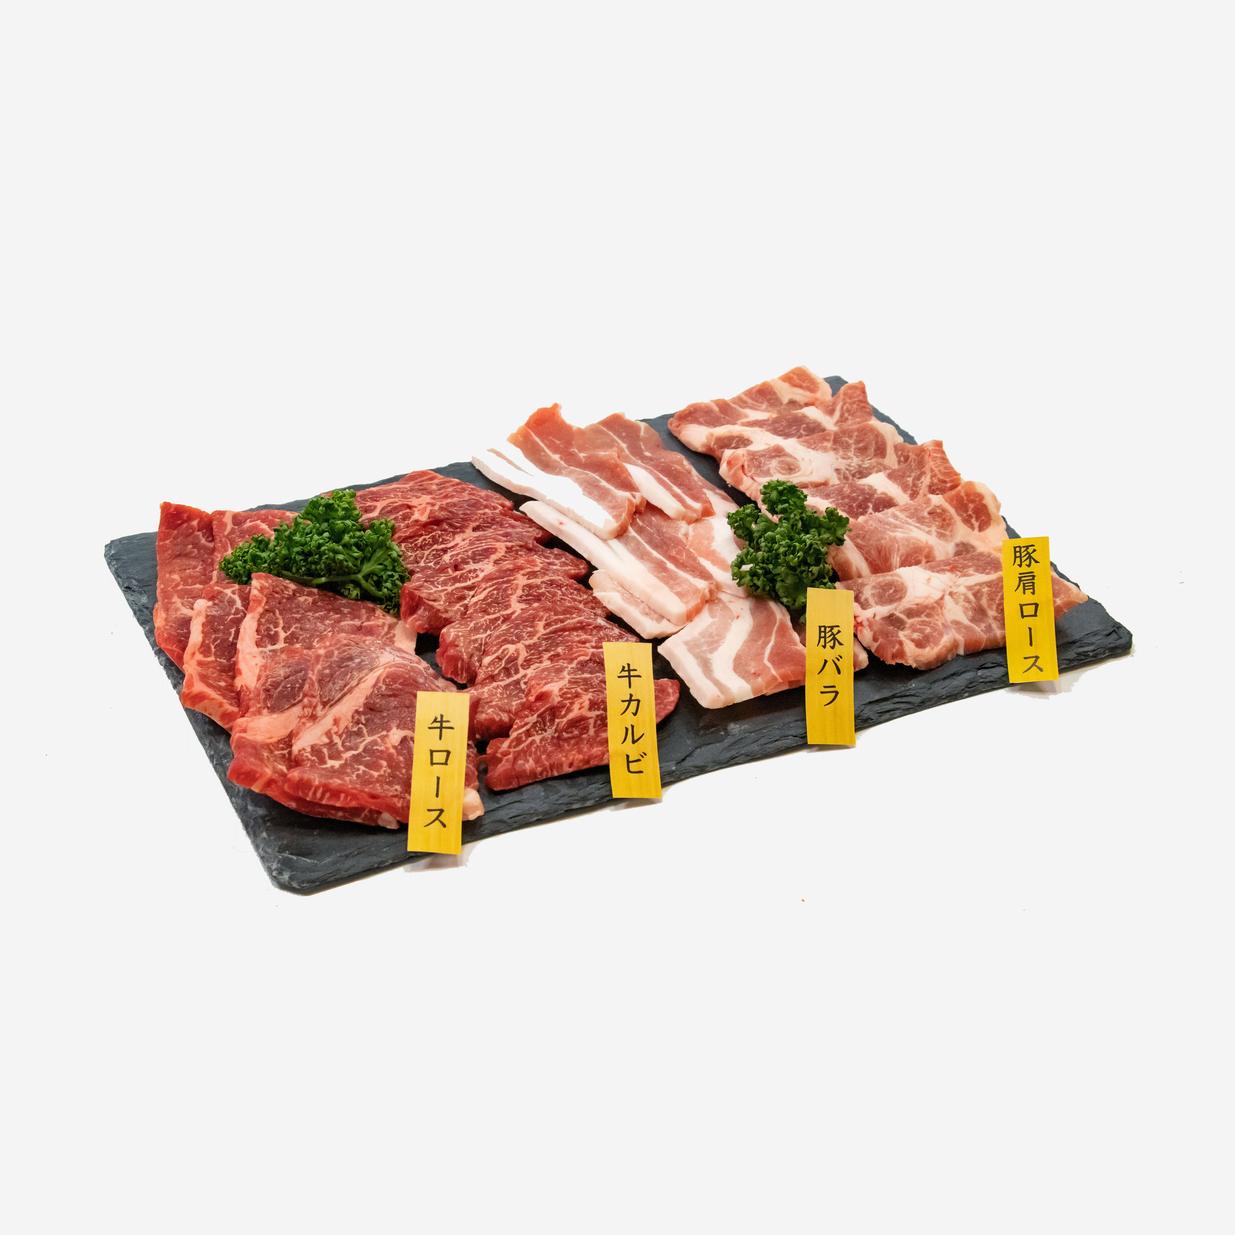 牛肉セット2,500円(400g)